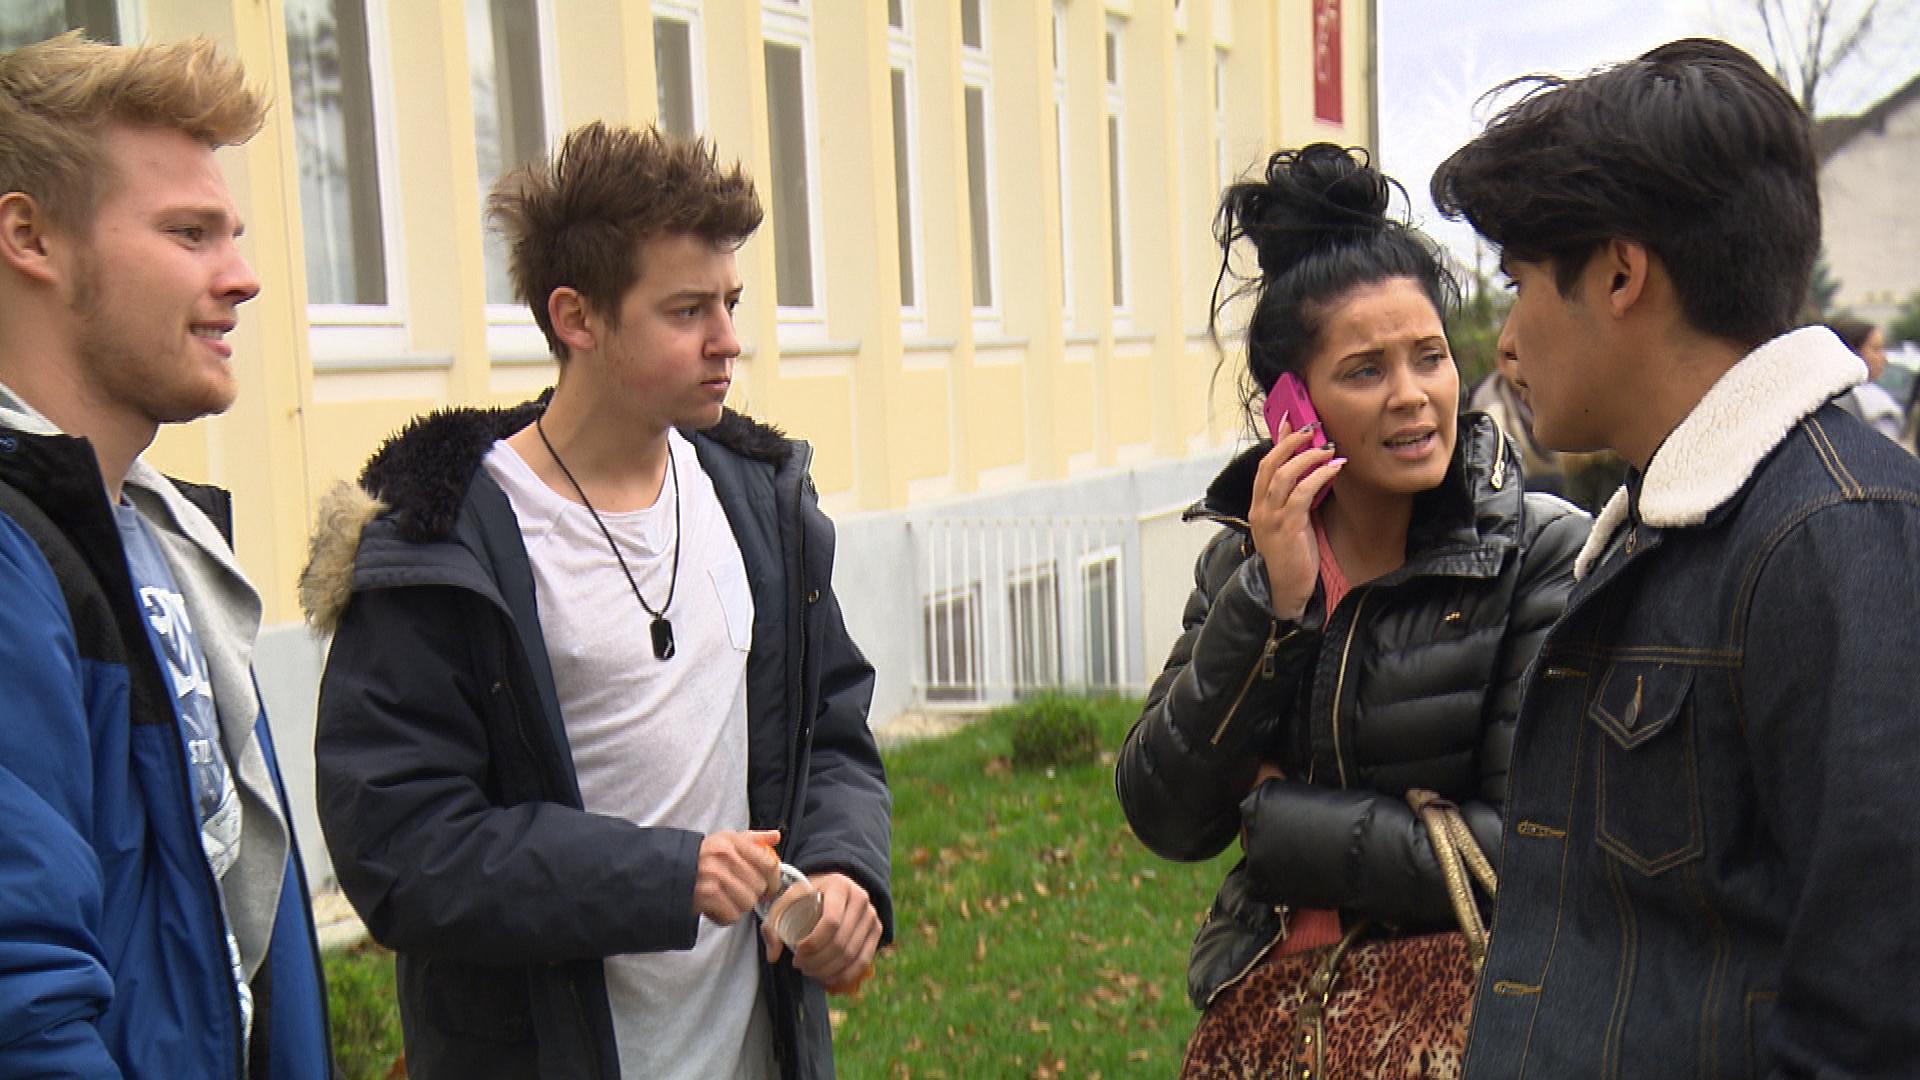 Yanick und seine Kumpels sind begeistert, als Yvonne ihnen einen bezahlten Videodreh anbietet. Doch dann fällt Yanick ein, dass er seine Sozialstunden abstottern muss und nicht dabei sein kann. (Quelle: RTL 2)